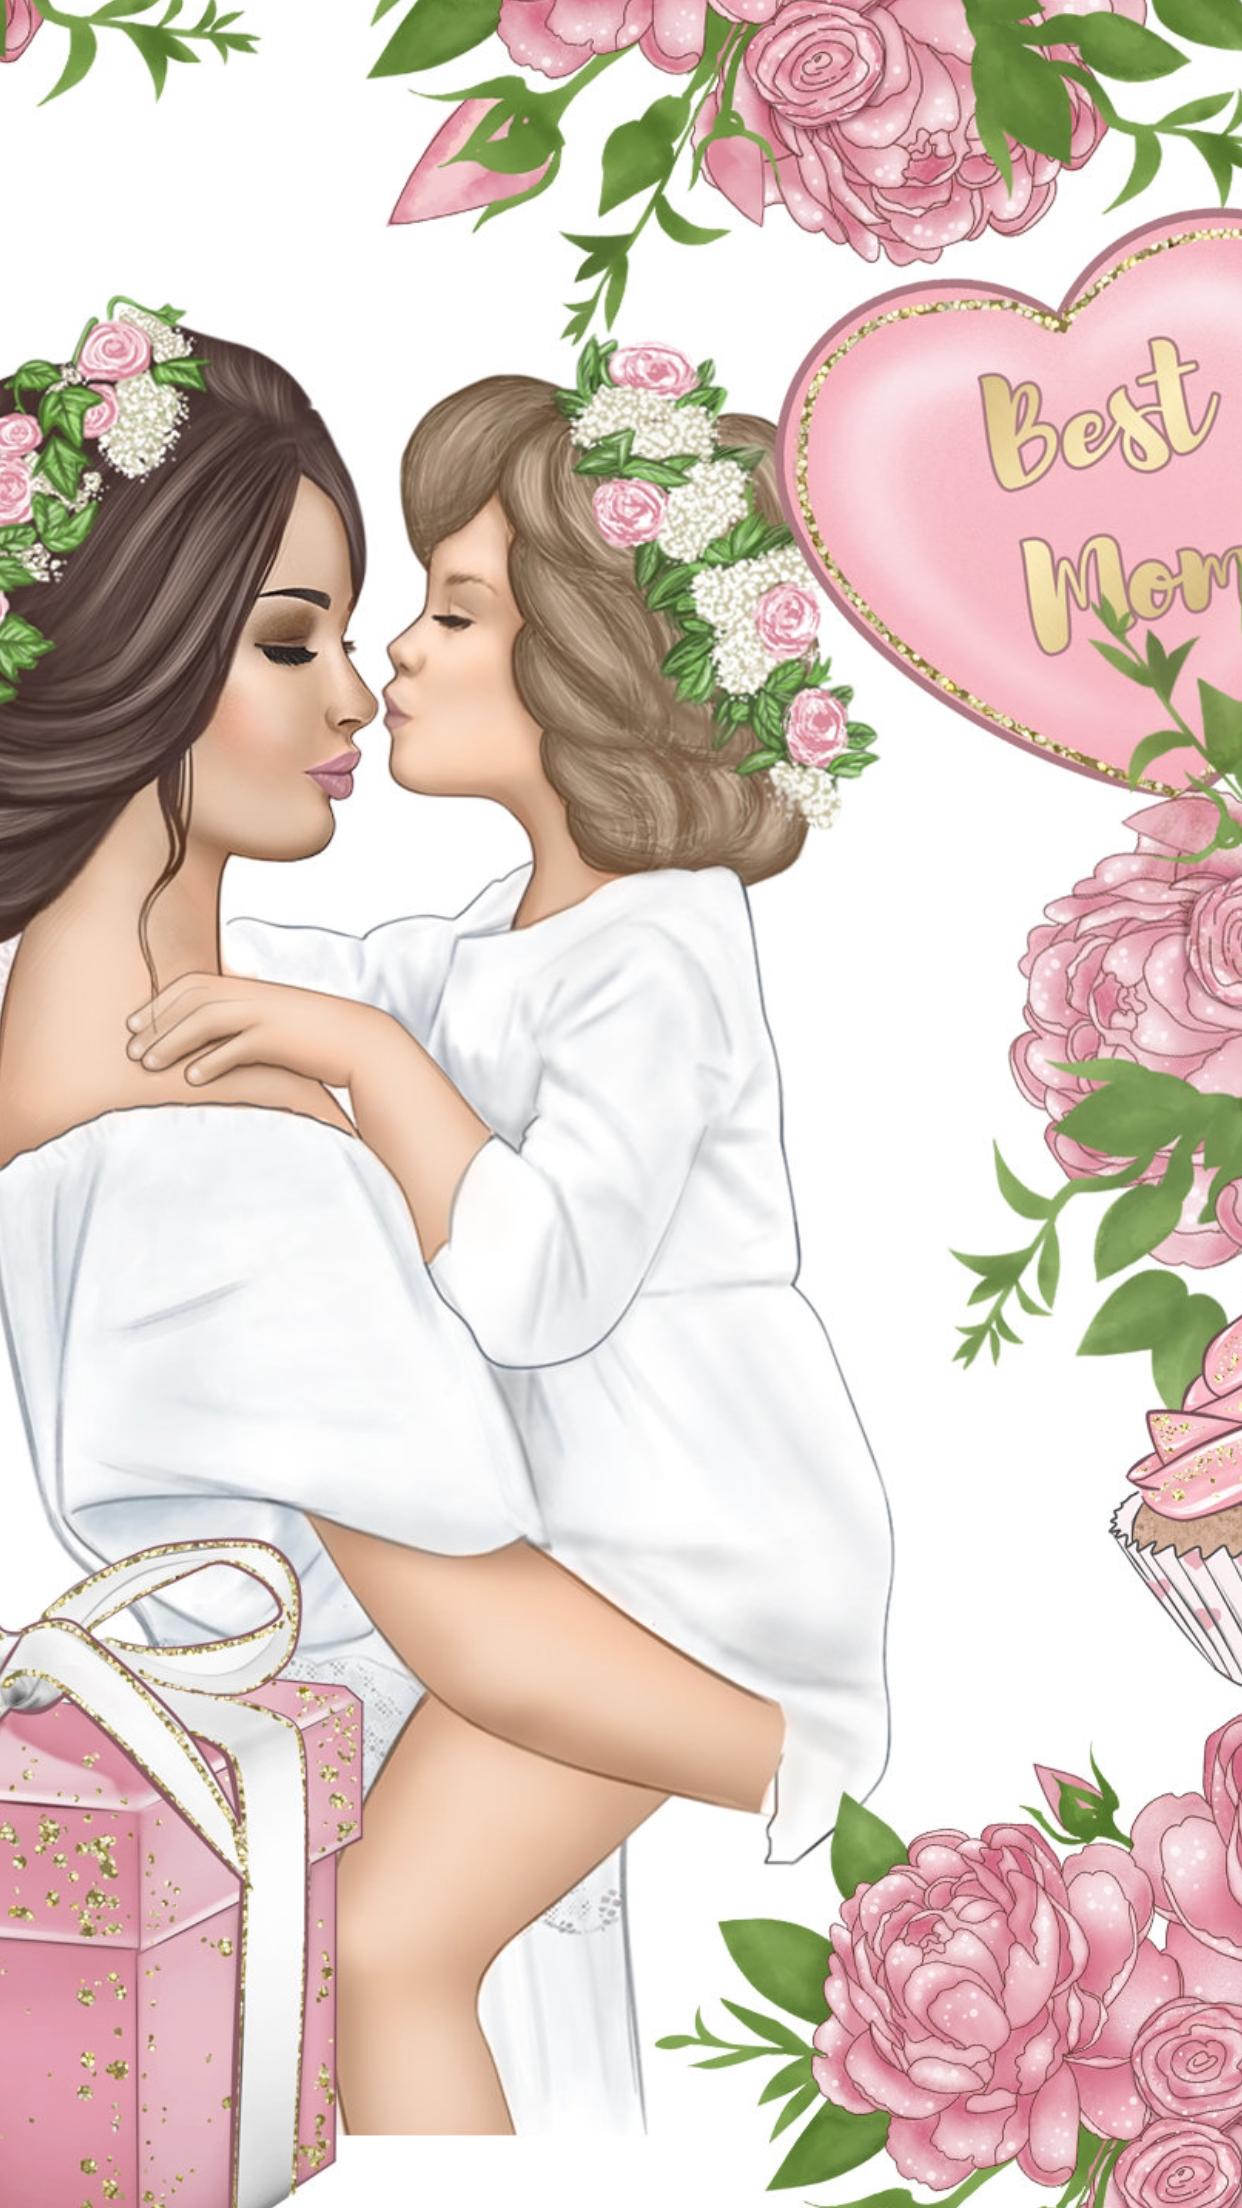 нц-а мама и дочка открытка женщины